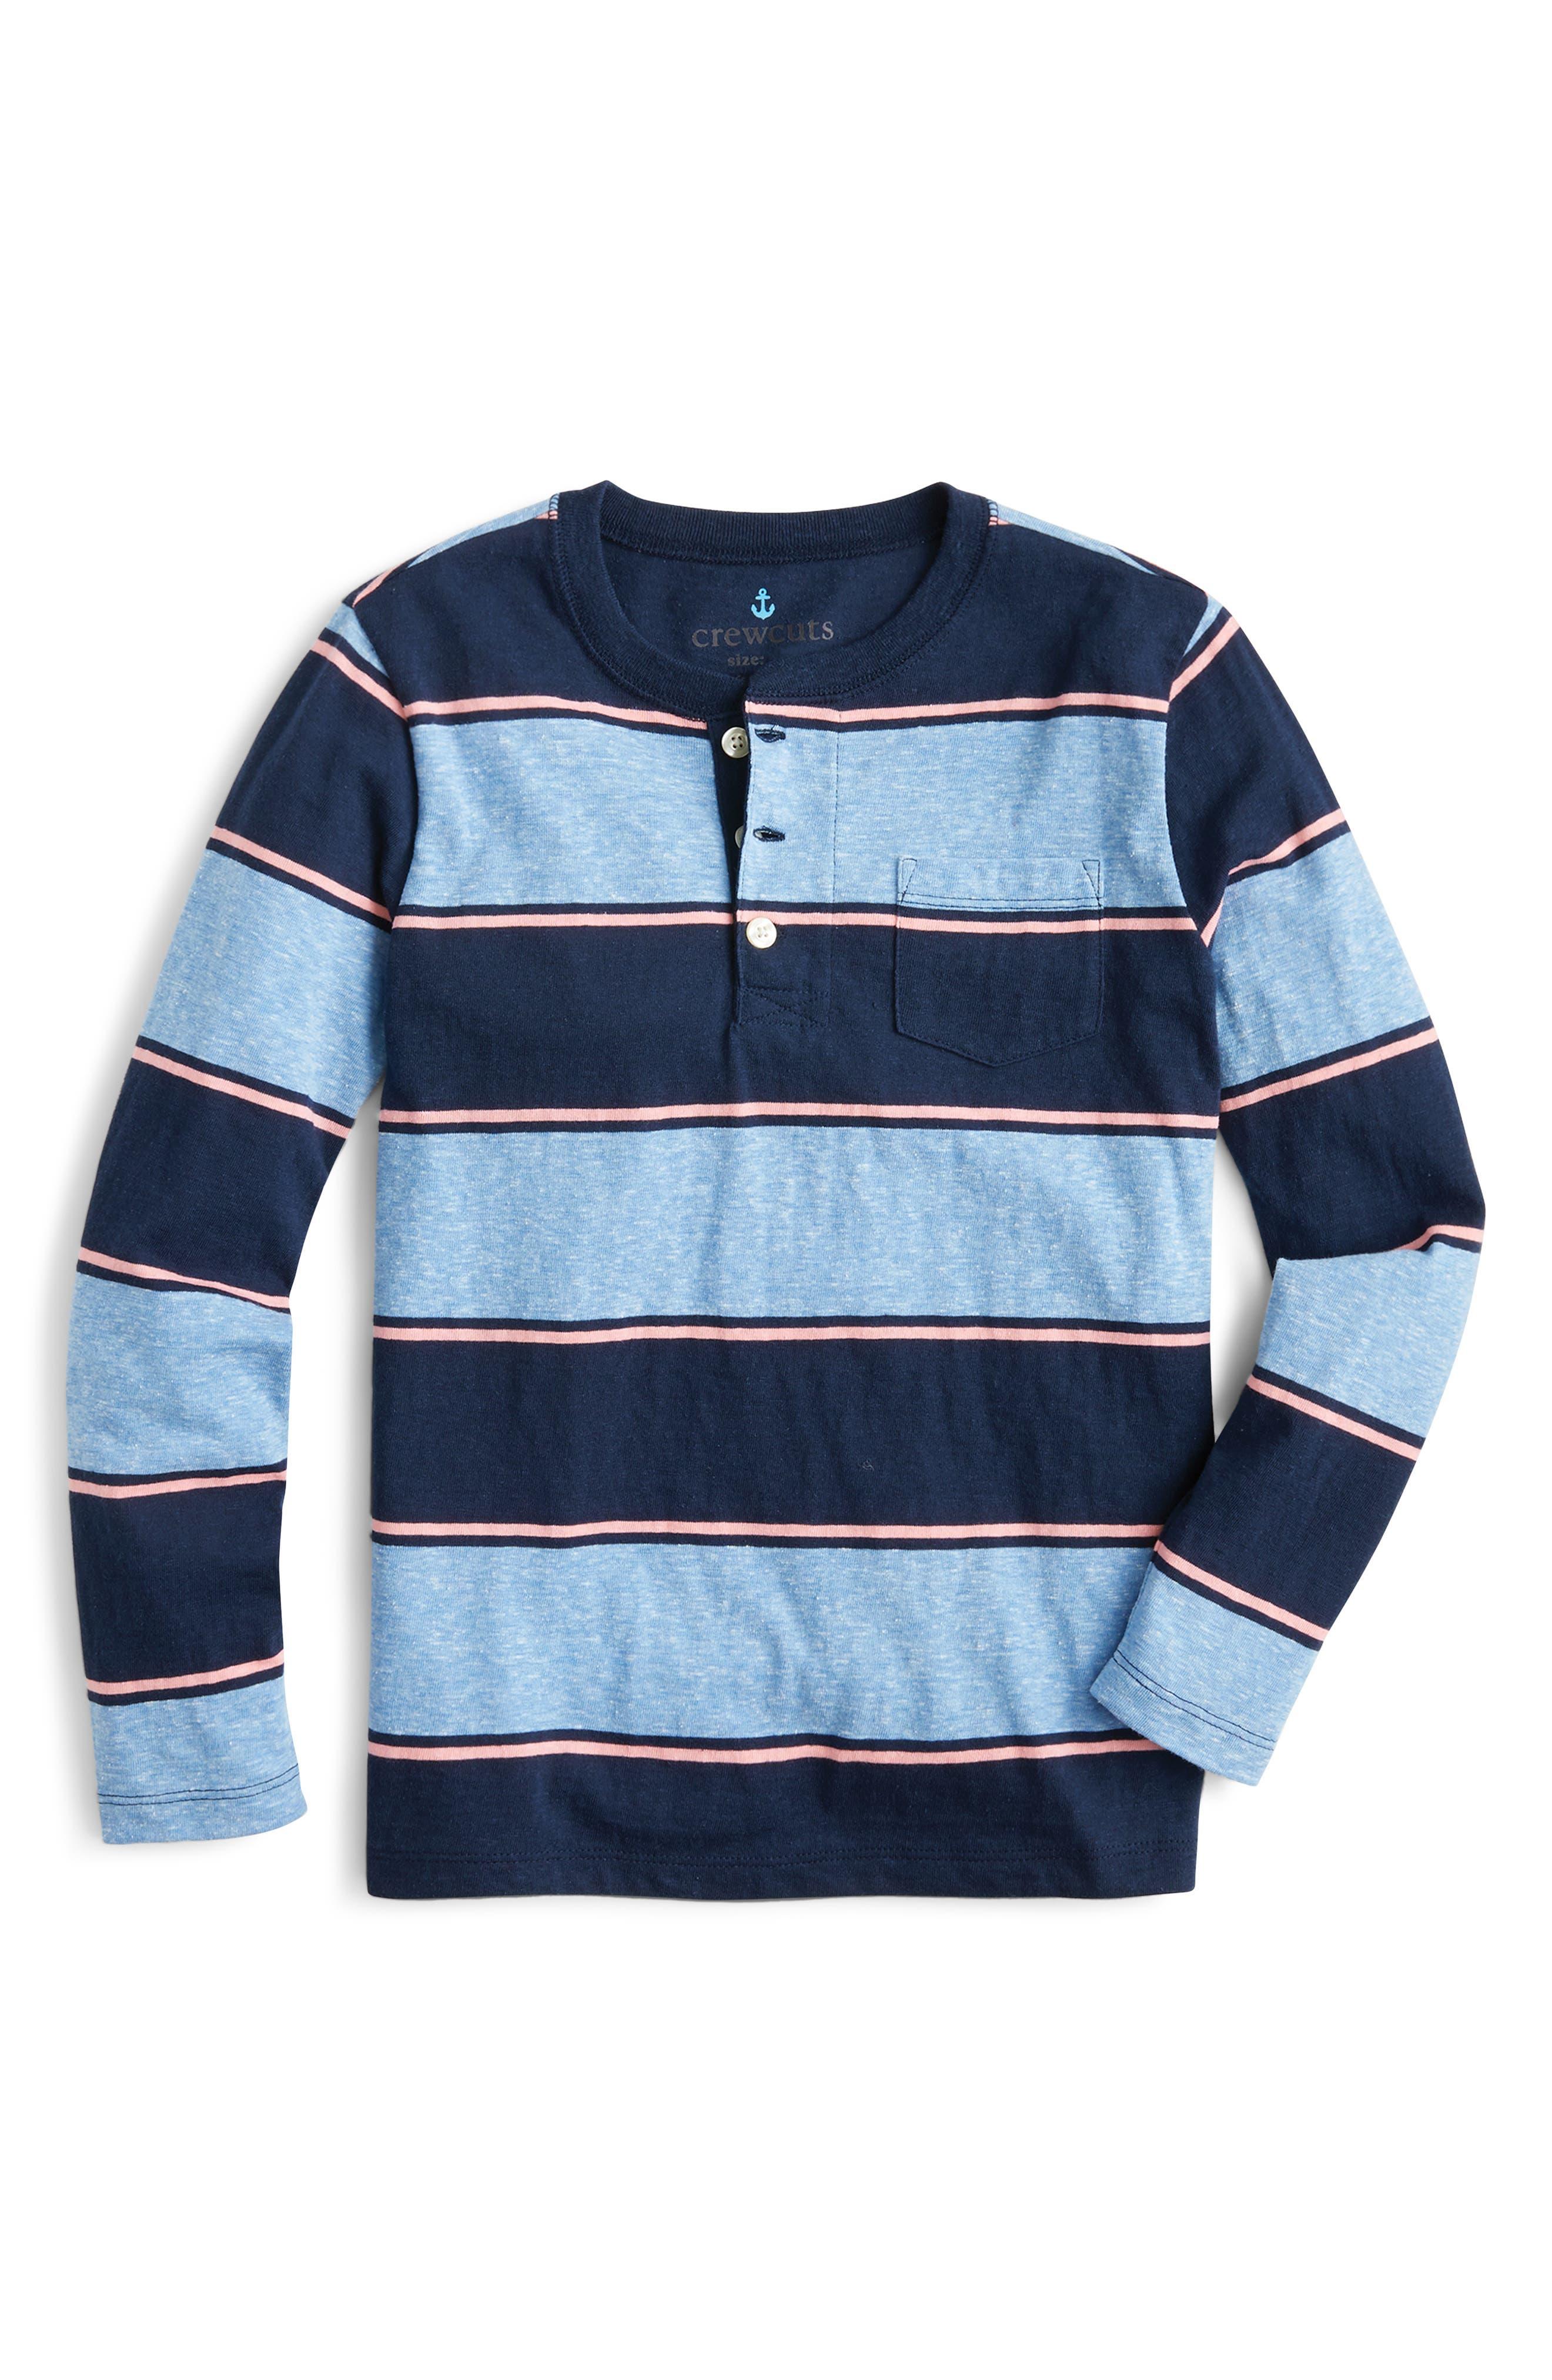 Boys Crewcuts By Jcrew Stripe Long Sleeve Henley Shirt Size 14  Blue